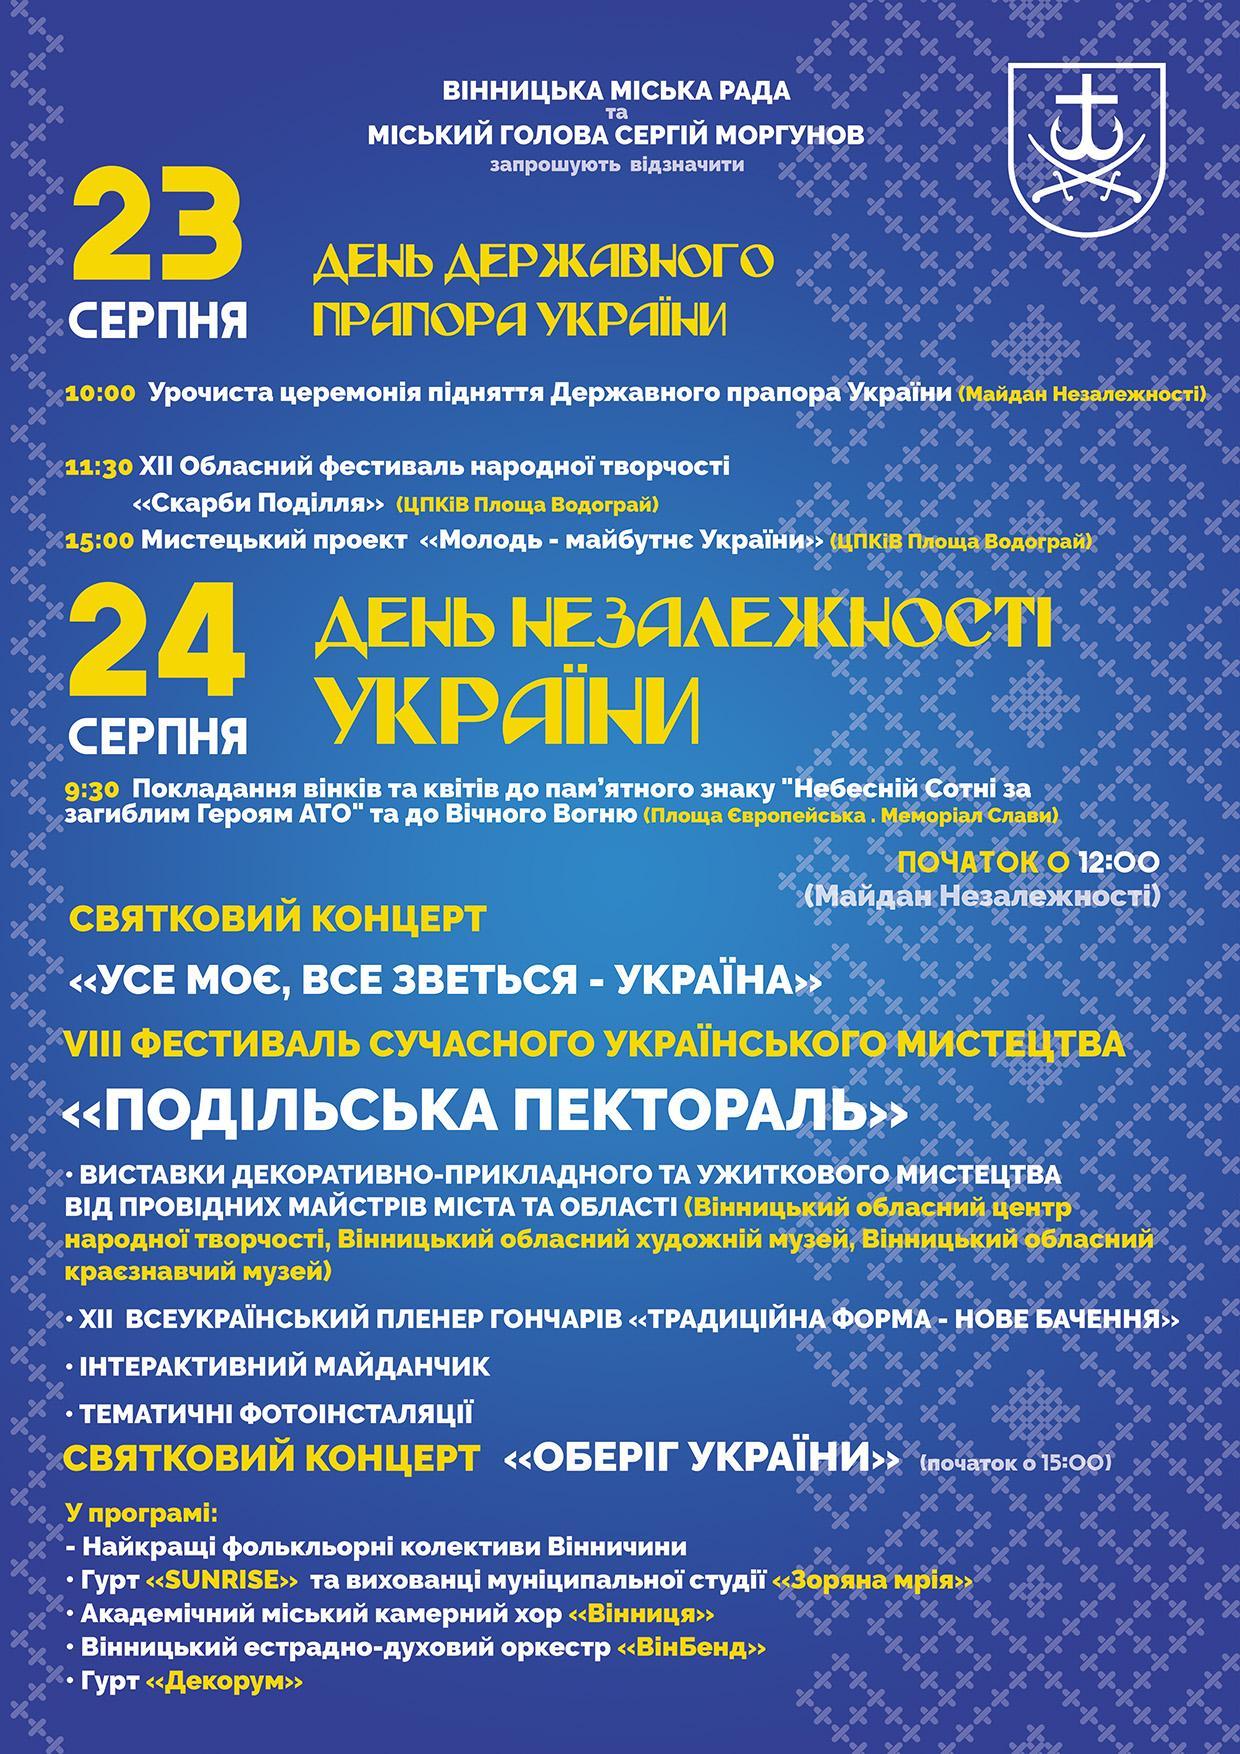 """На День Державного Прапора у Вінниці відбудеться флешмоб """"Україна - єднає!"""""""